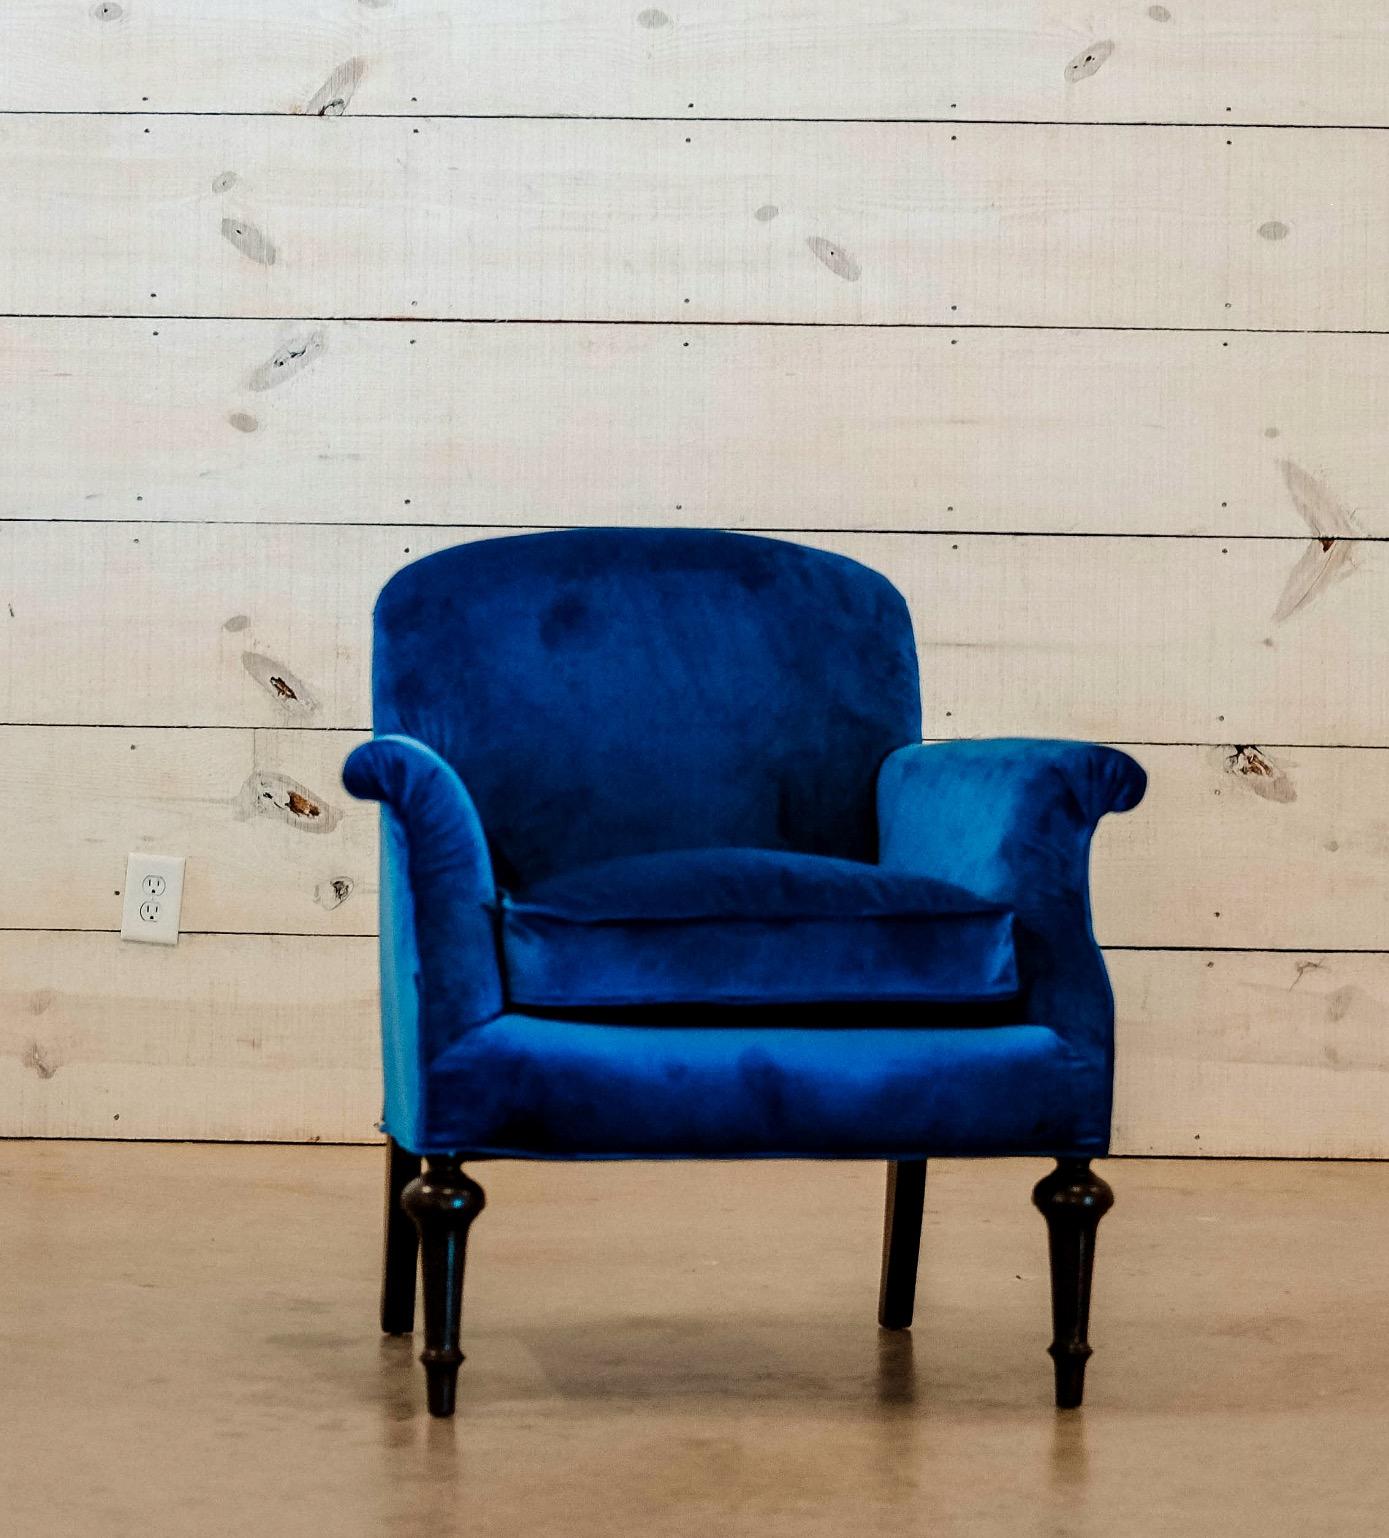 blue chair_edited